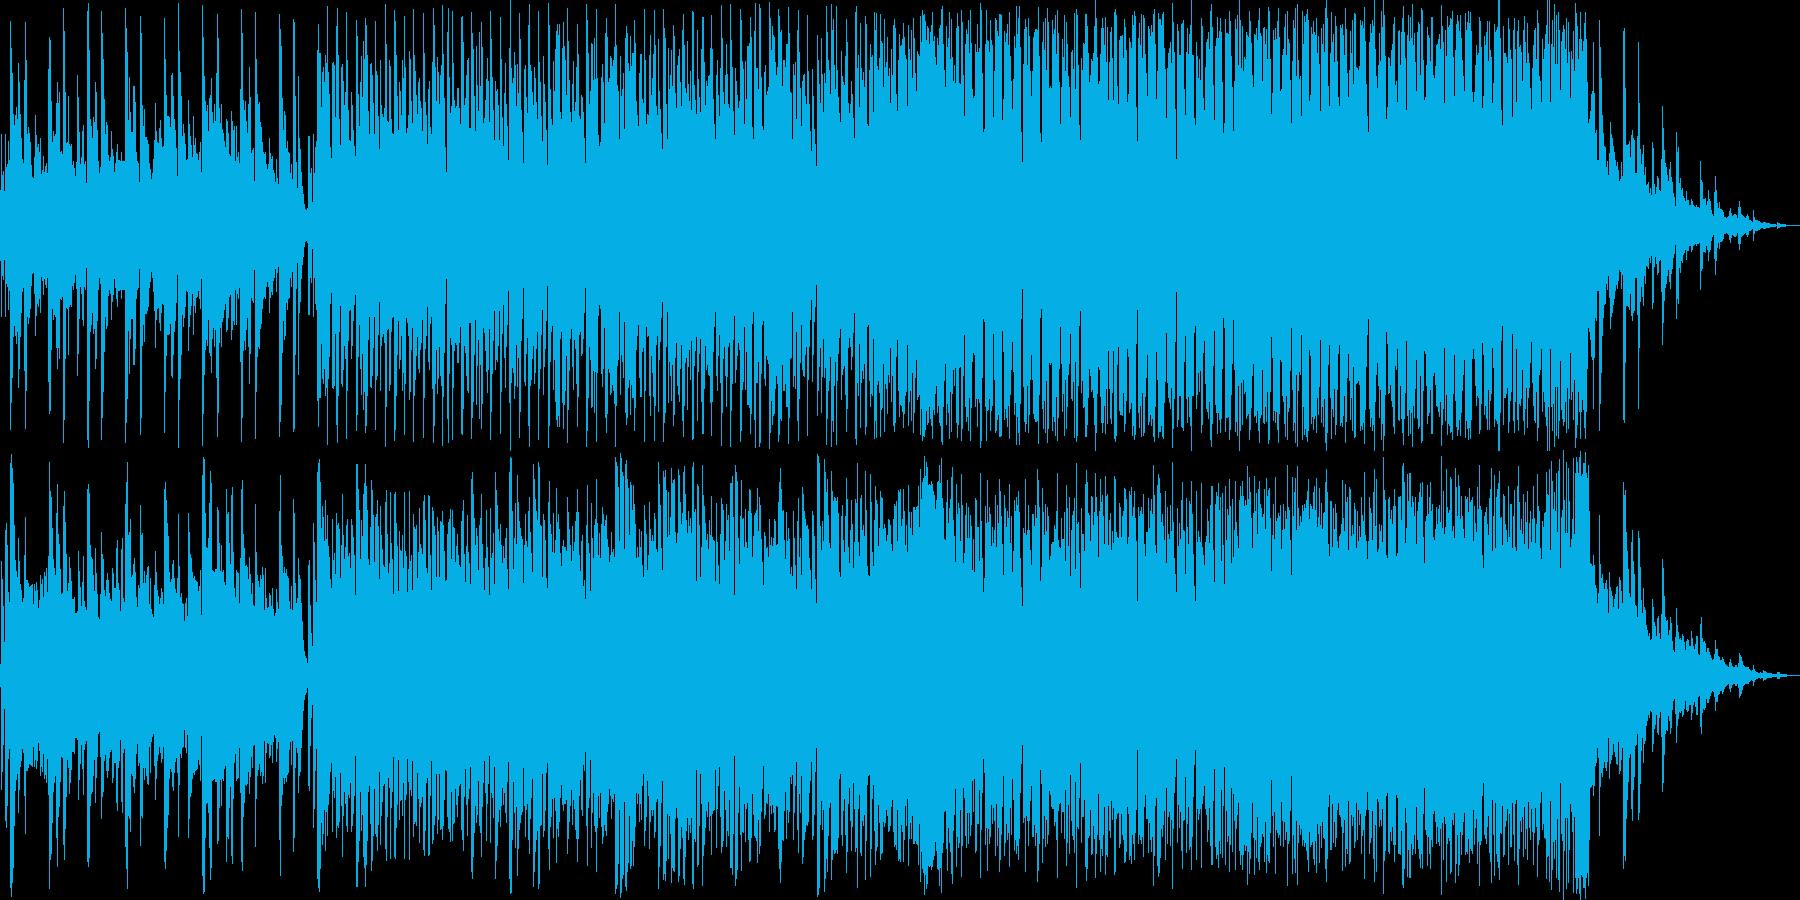 煌びやかな夜景をイメージした曲です。繰…の再生済みの波形